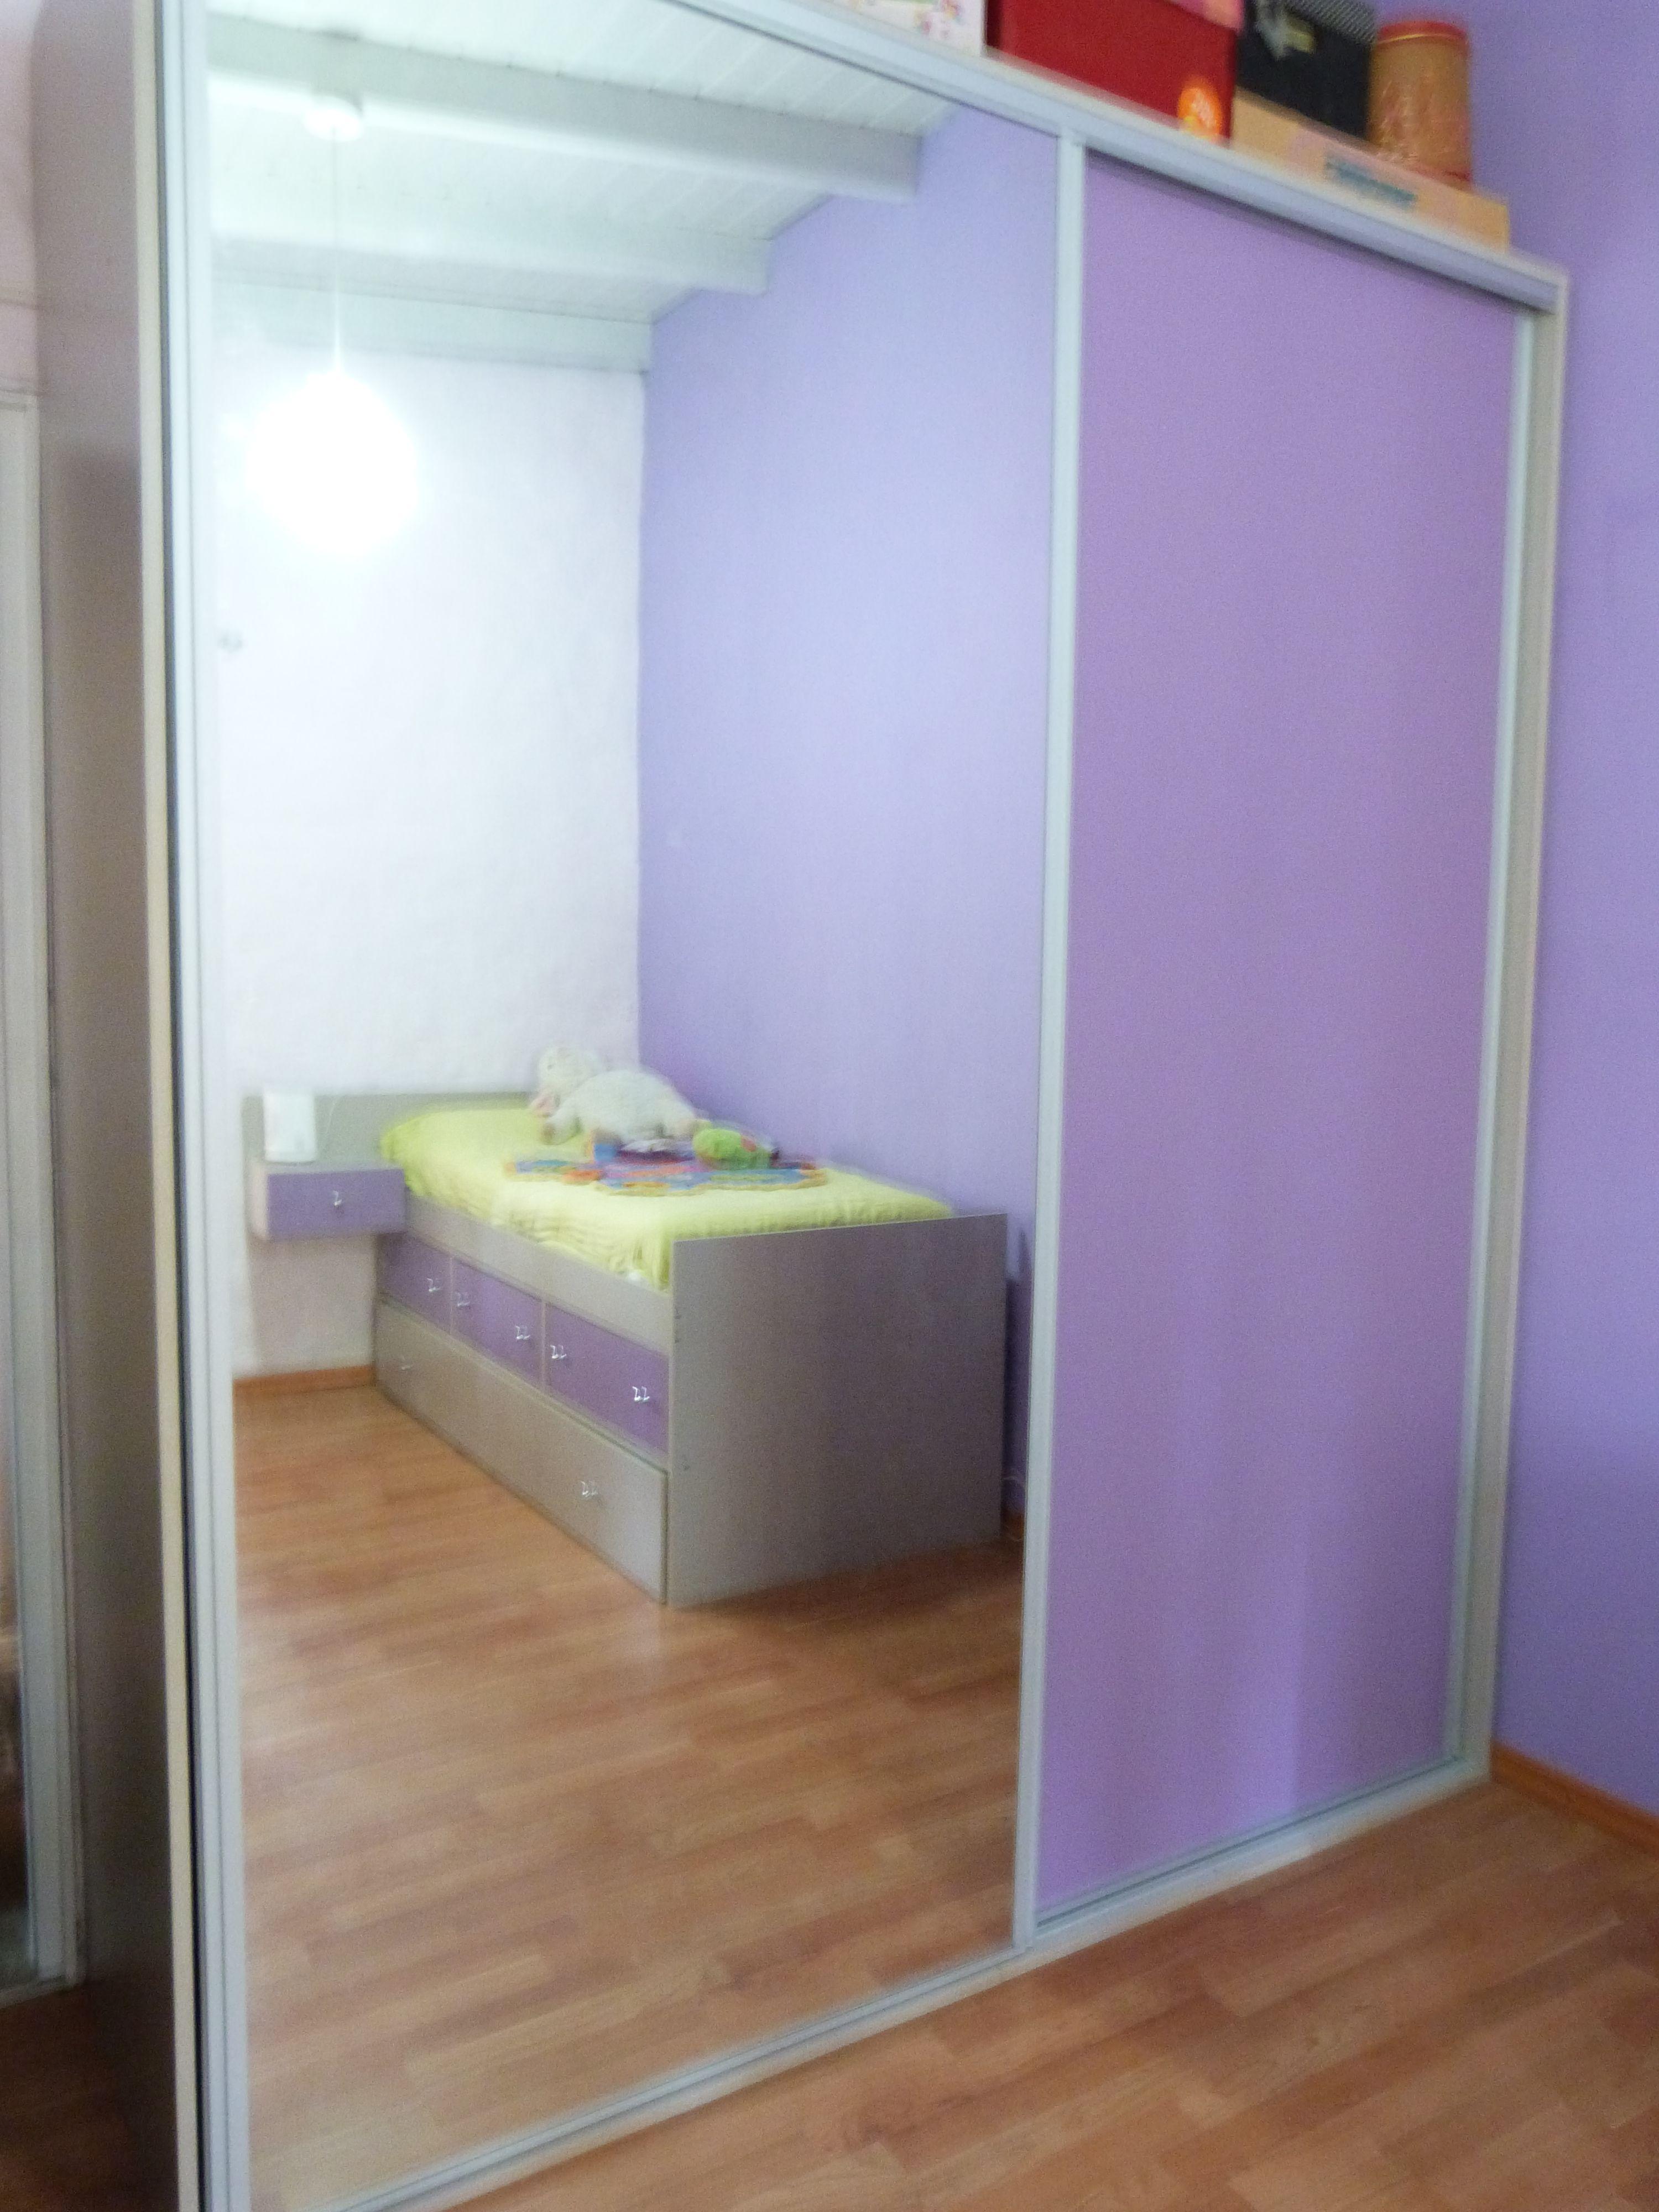 Placard de dos puertas corredizas con espejo placares for Espejo para puerta